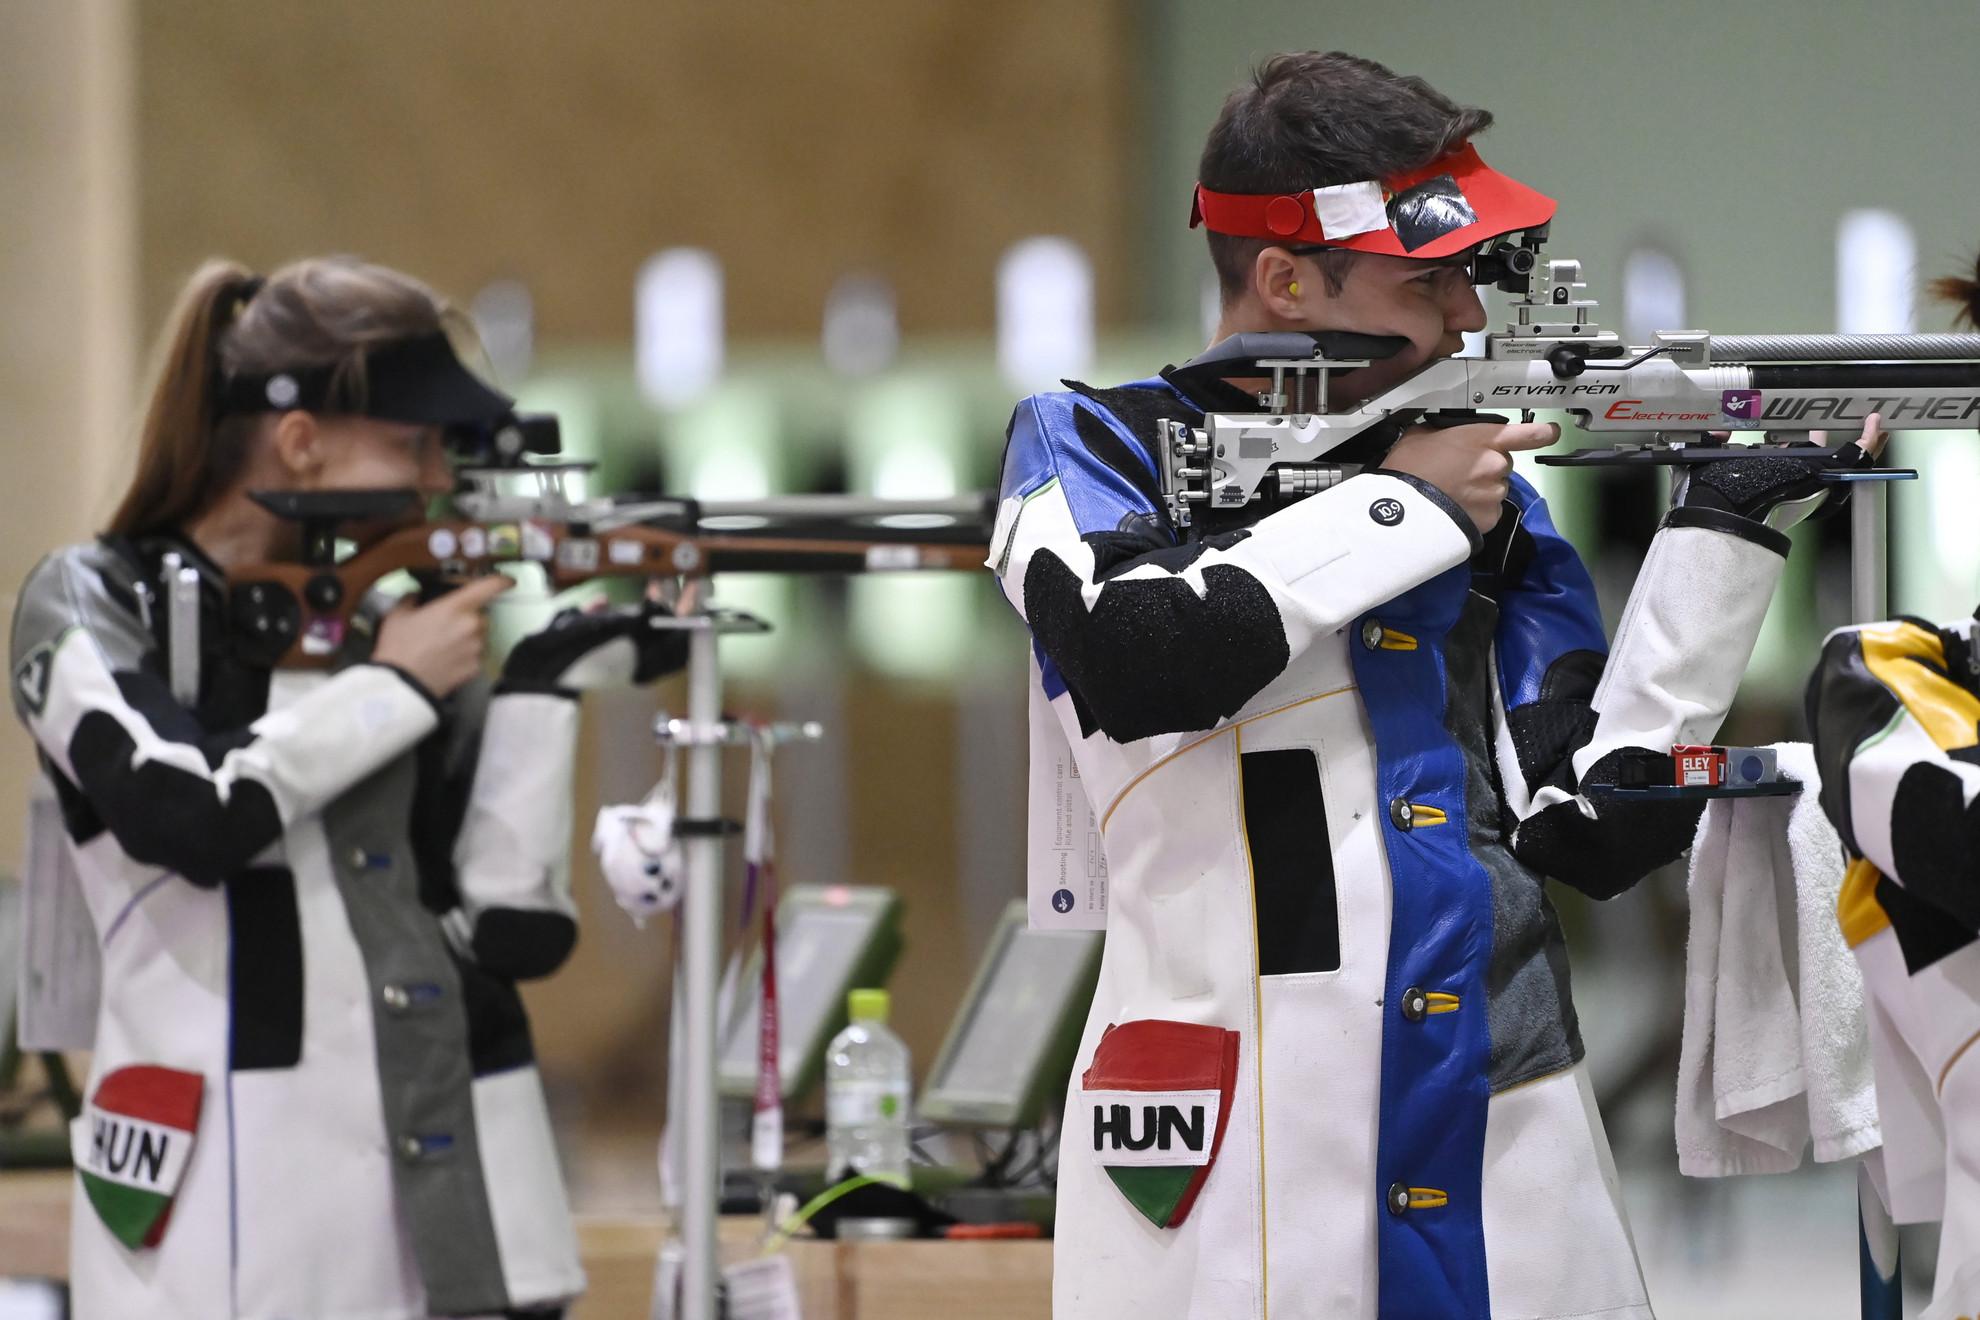 A Mészáros Eszter, Péni István kettős hetedik helyen végzett